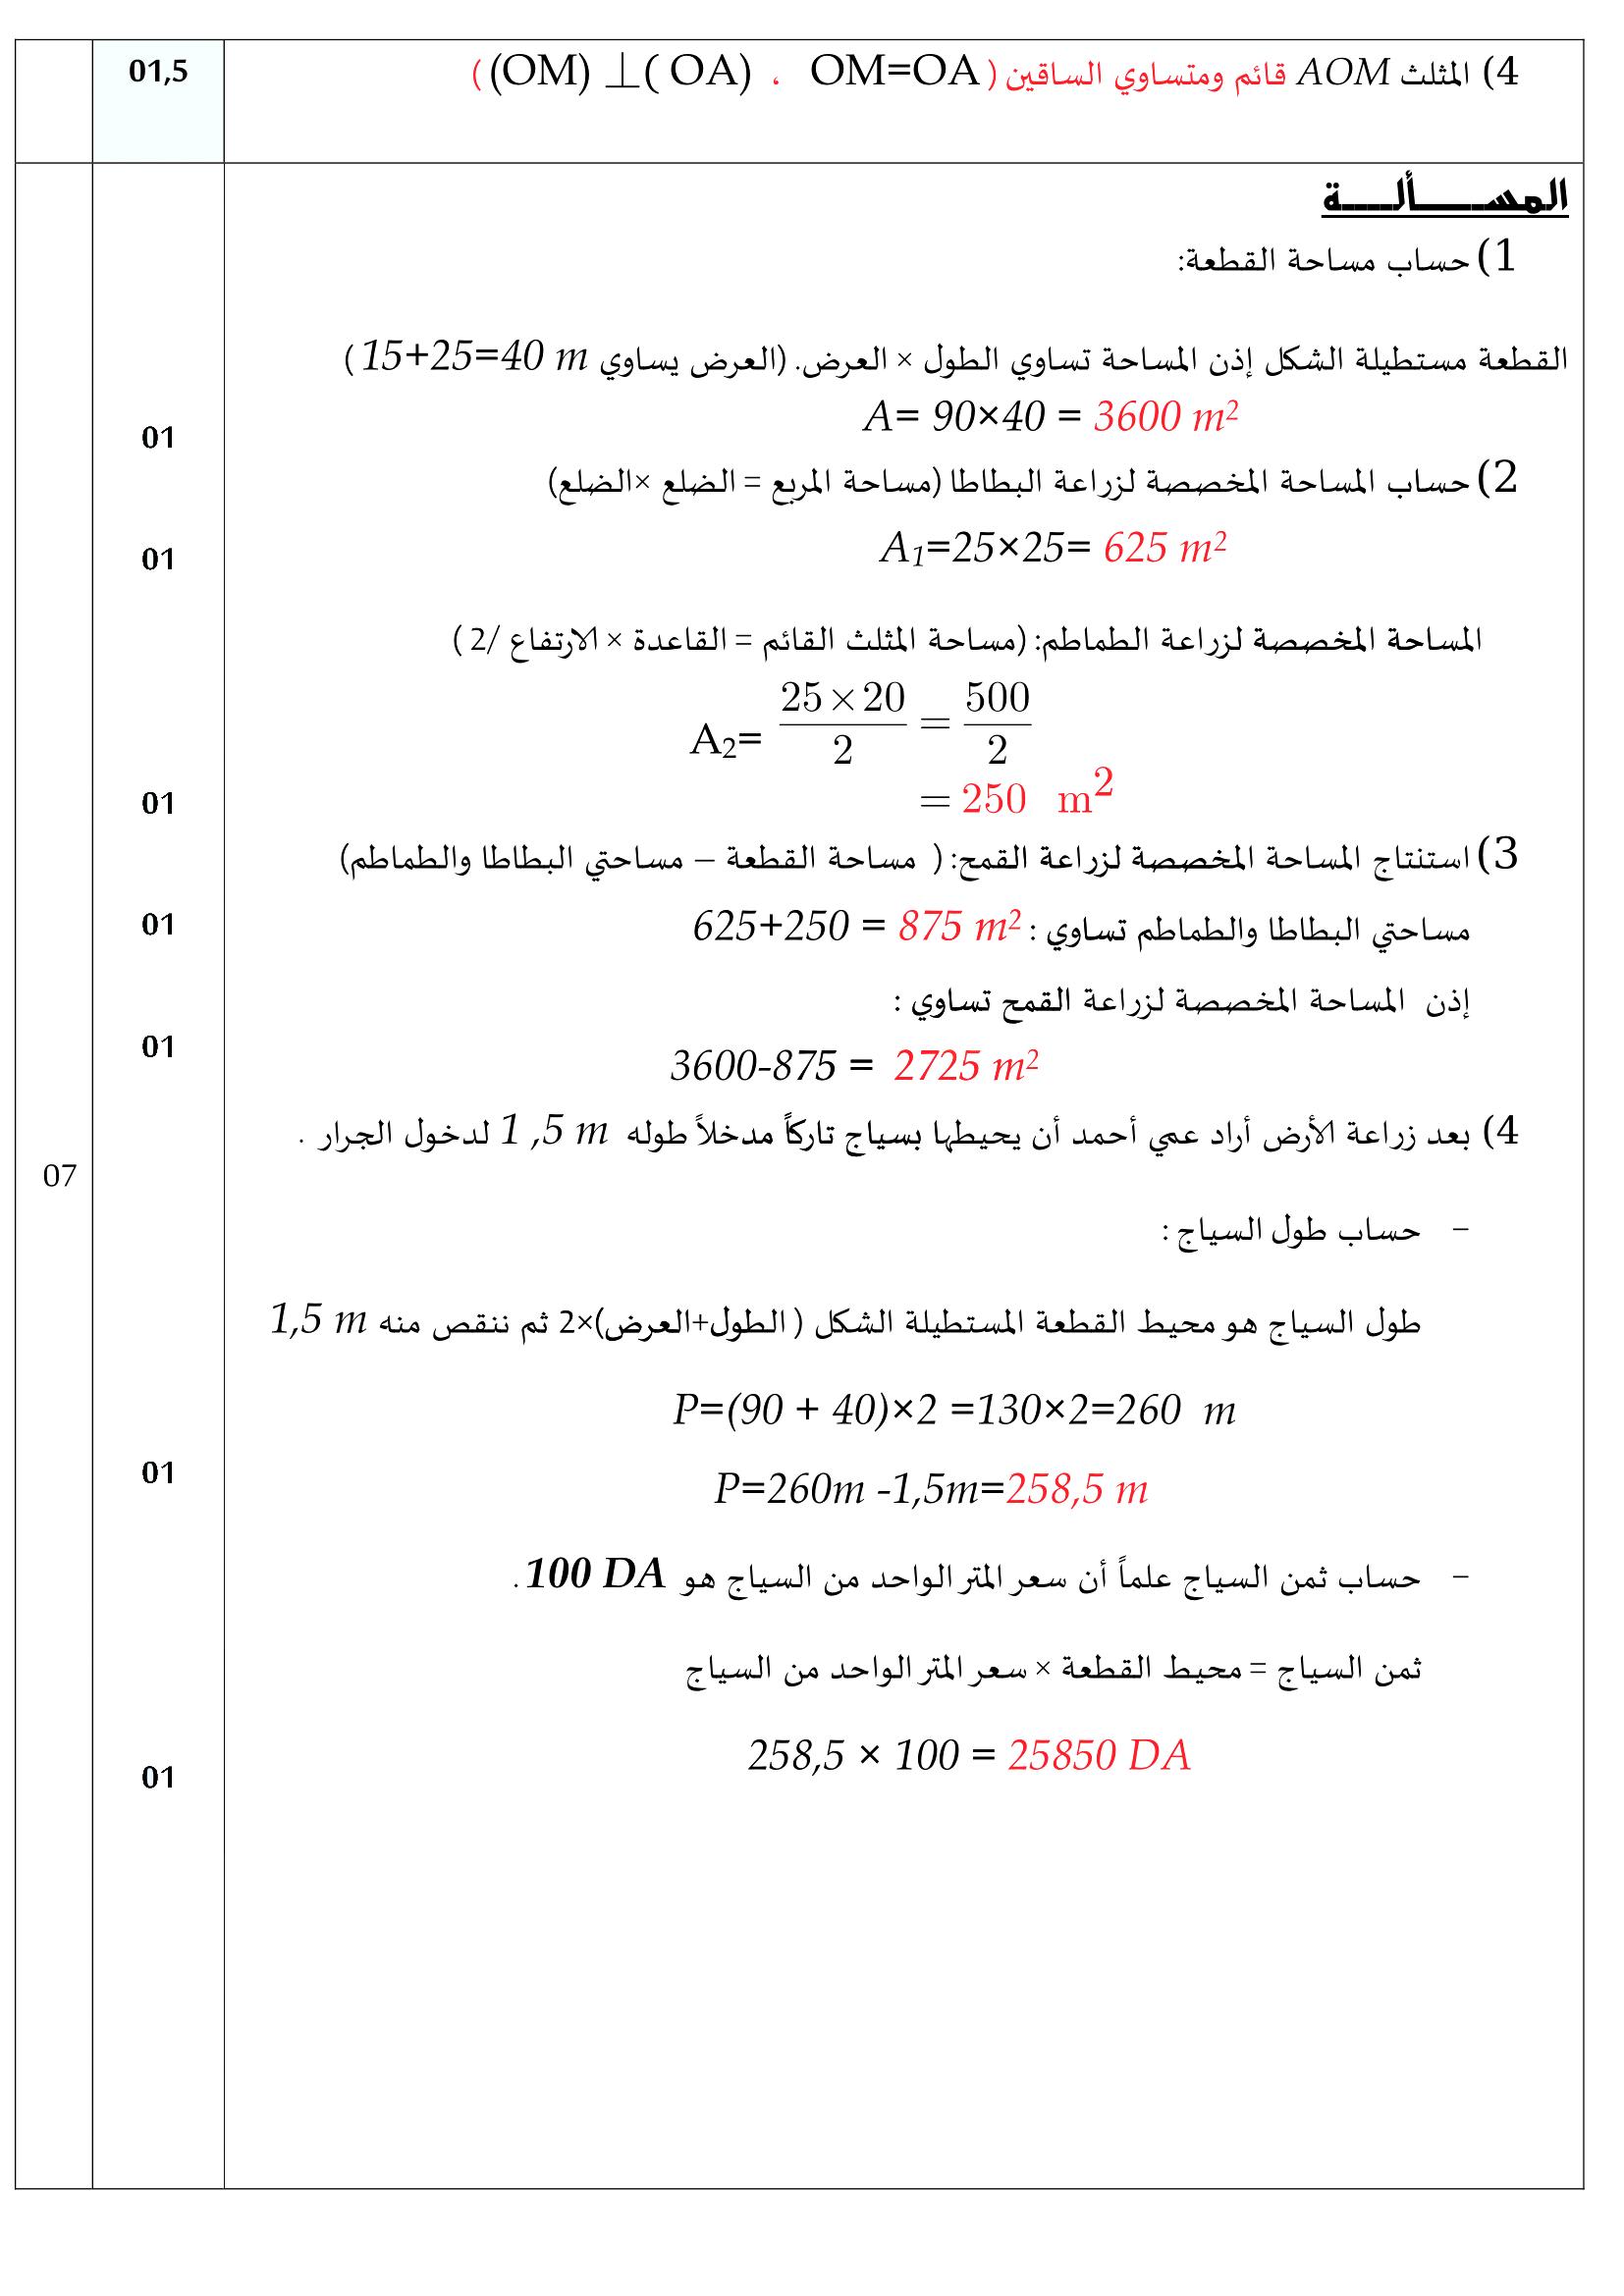 1am Exams Math فروض و اختبارات السنة أولى متوسط مادة الرياضيات الفصل الأول 2019 2020 النموذج 01 Math Exam